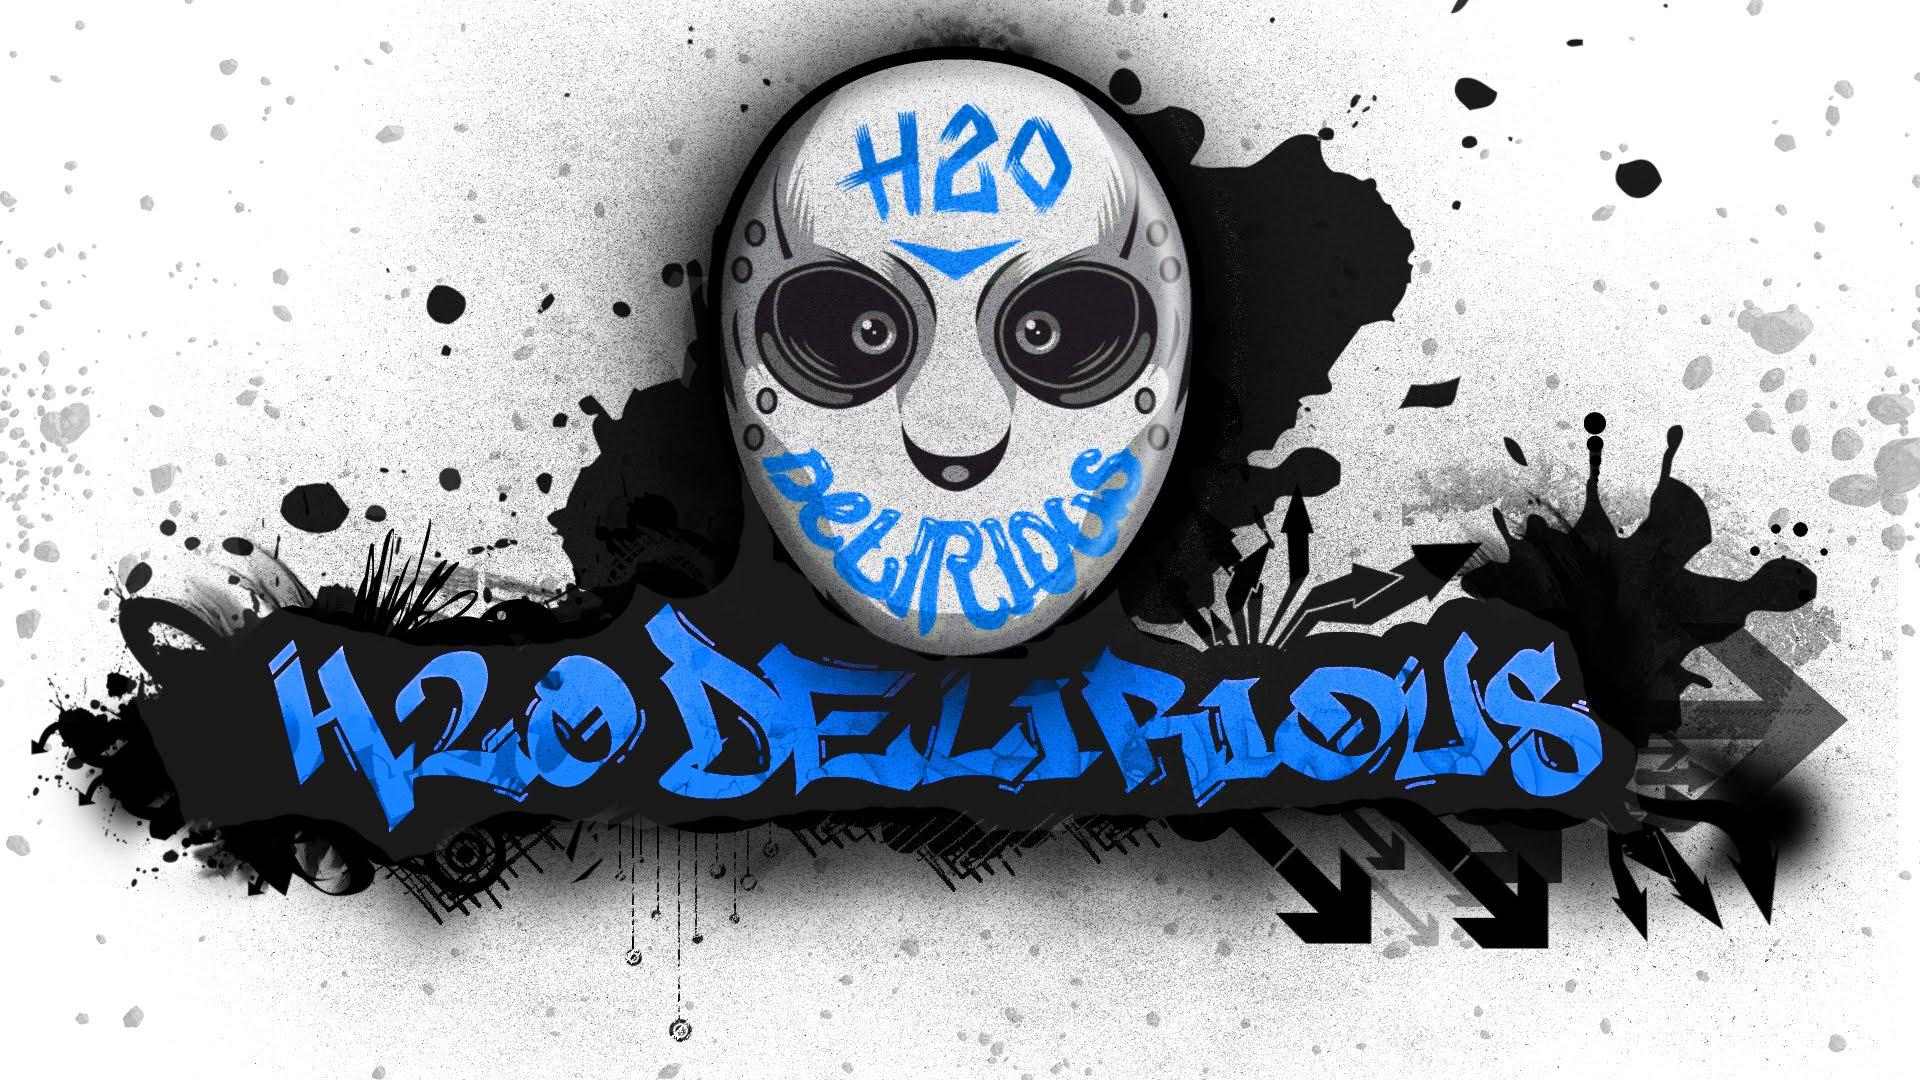 H2O DELIRIOUS 팬 Art